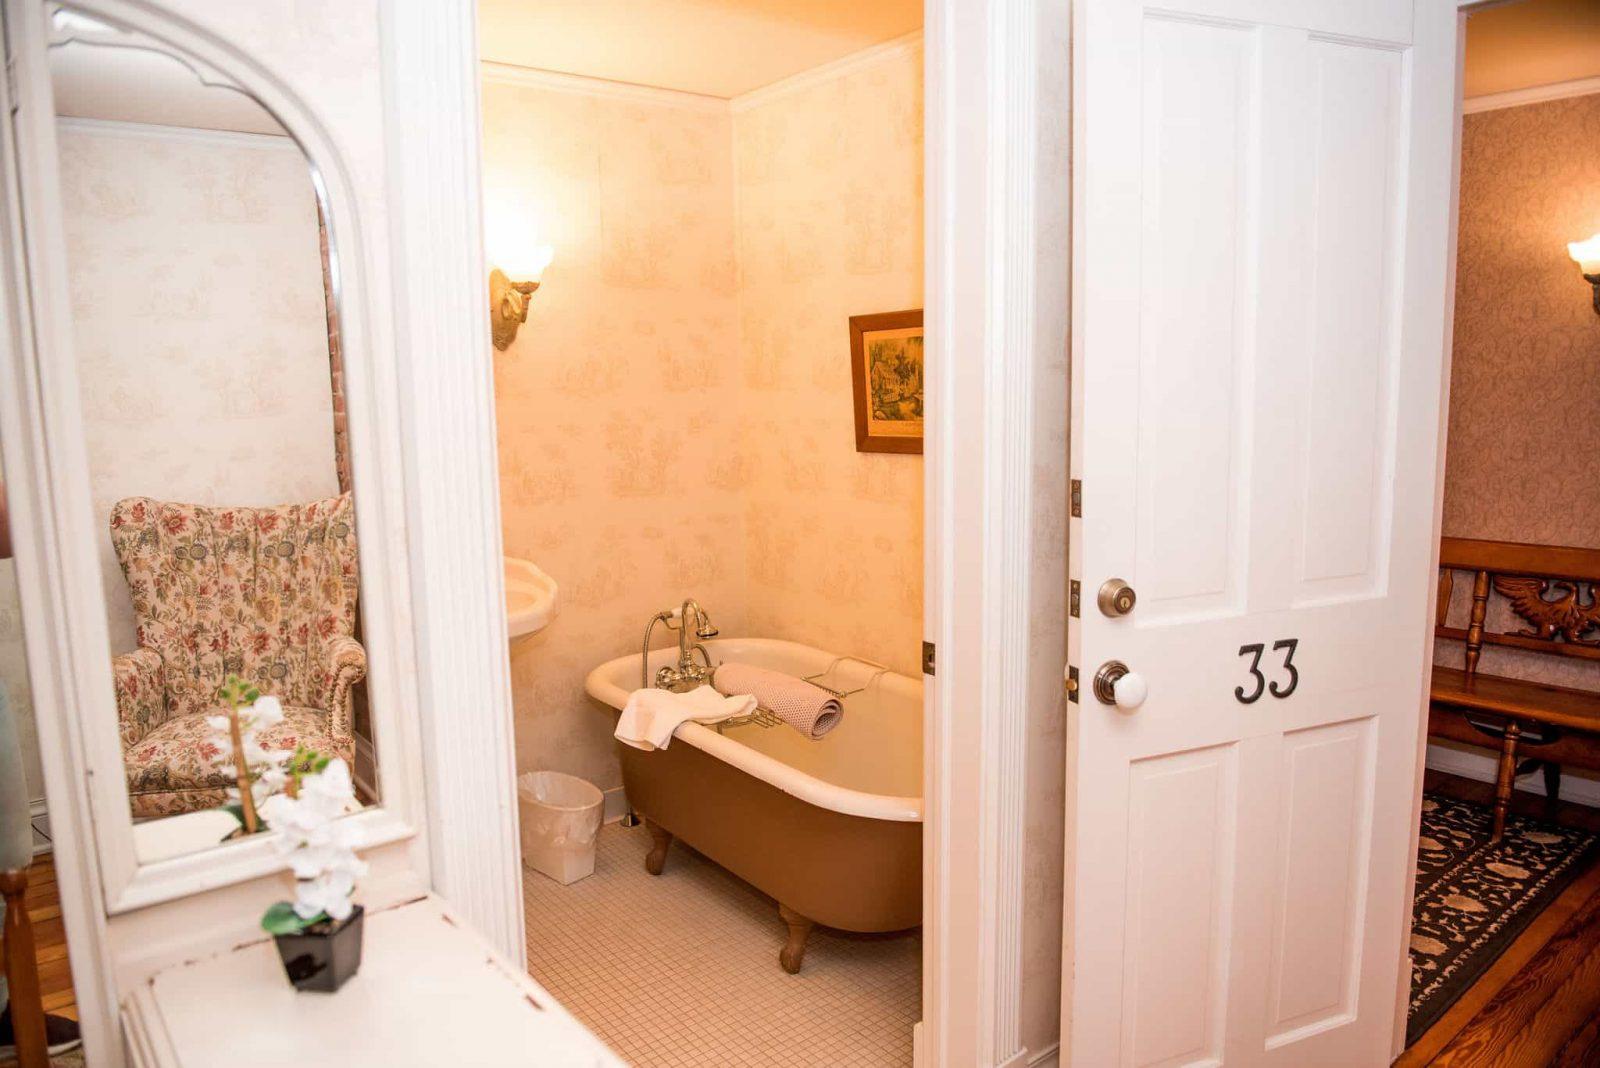 Room 33 bathroom interior facing the clawfoot tub